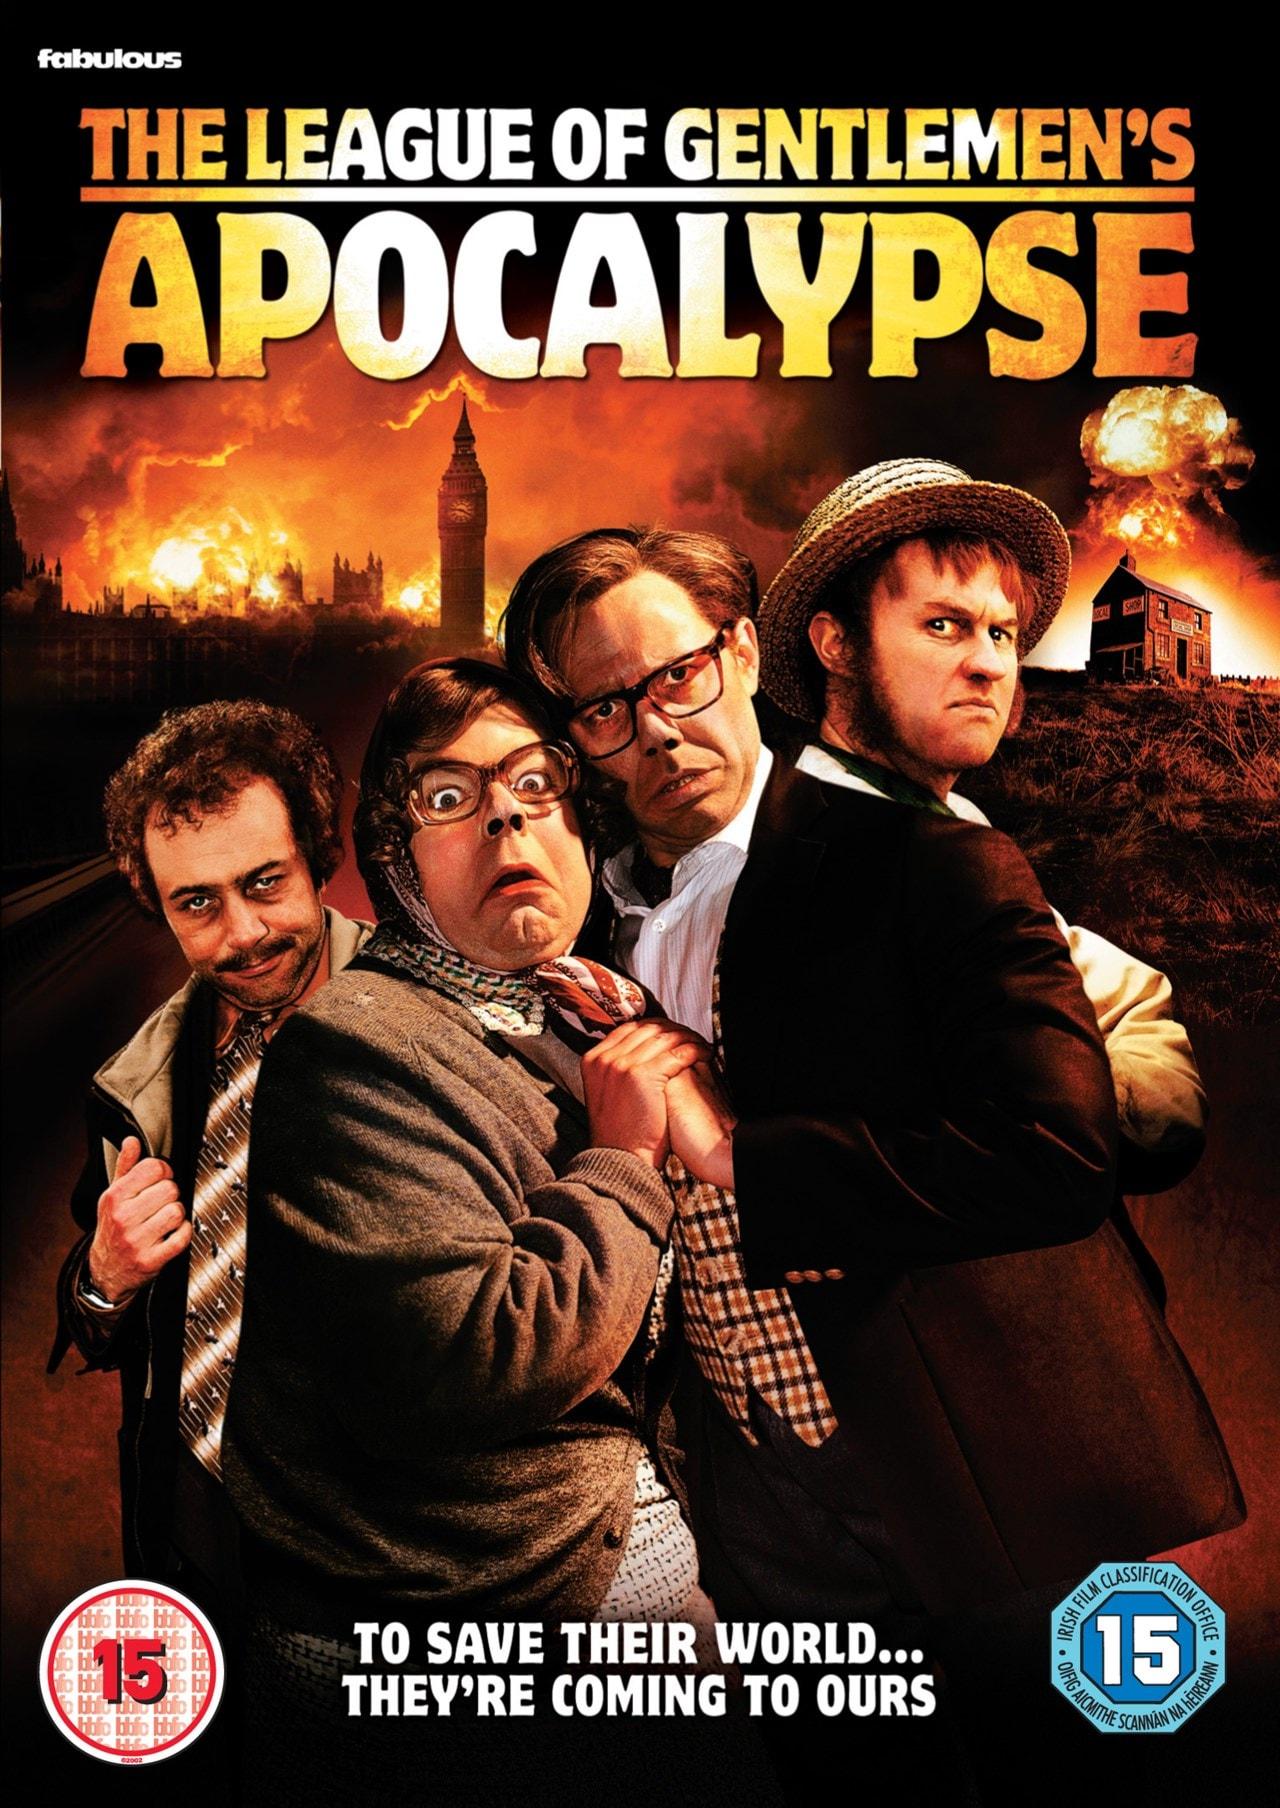 The League of Gentlemen's Apocalypse - 1